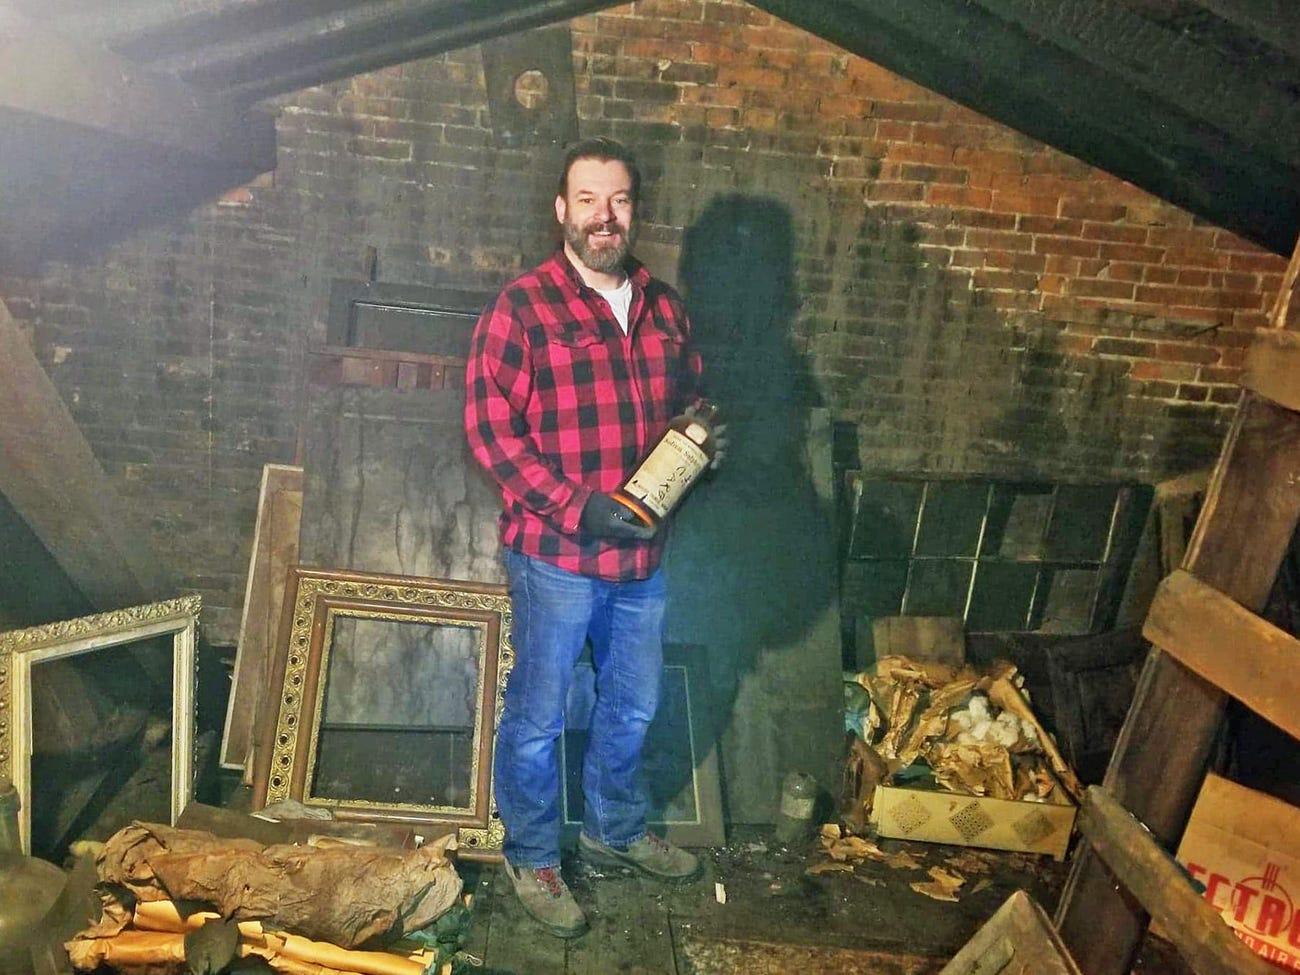 Un bărbat care a cumpărat o casă veche a descoperit în pod o cameră secretă. Acolo a făcut o altă descoperire